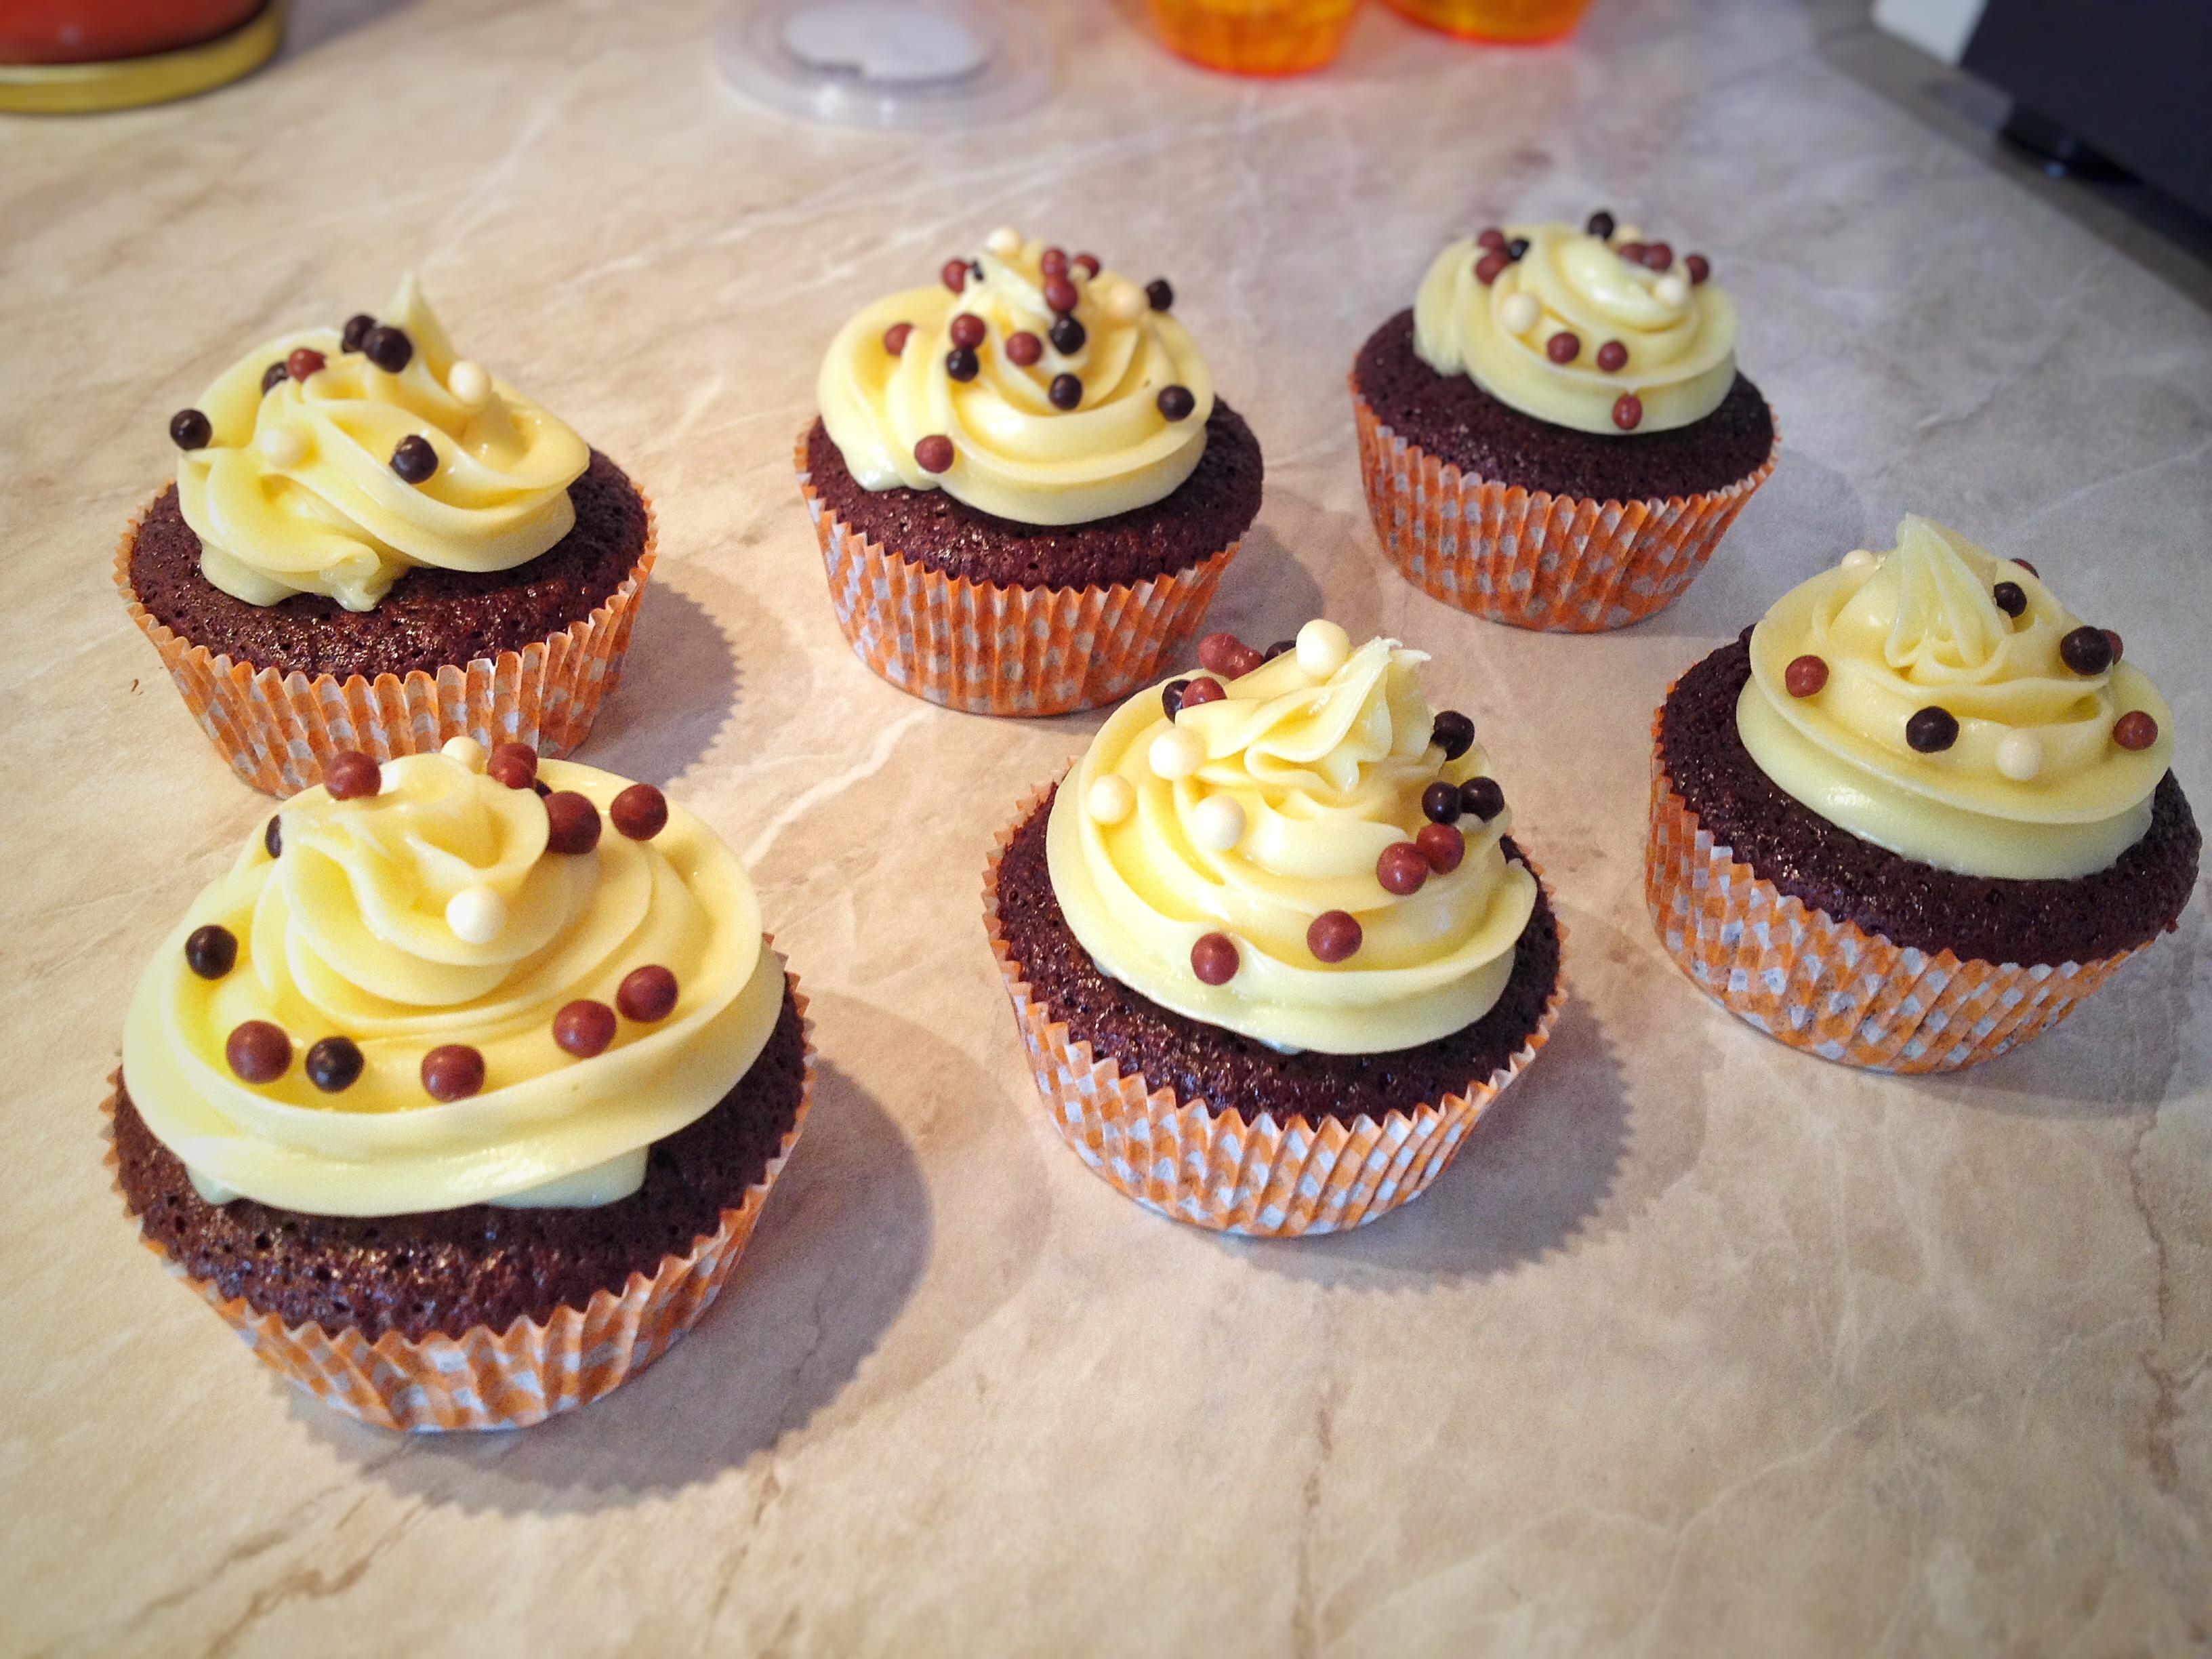 Cupcakes con ganache al cioccolato bianco